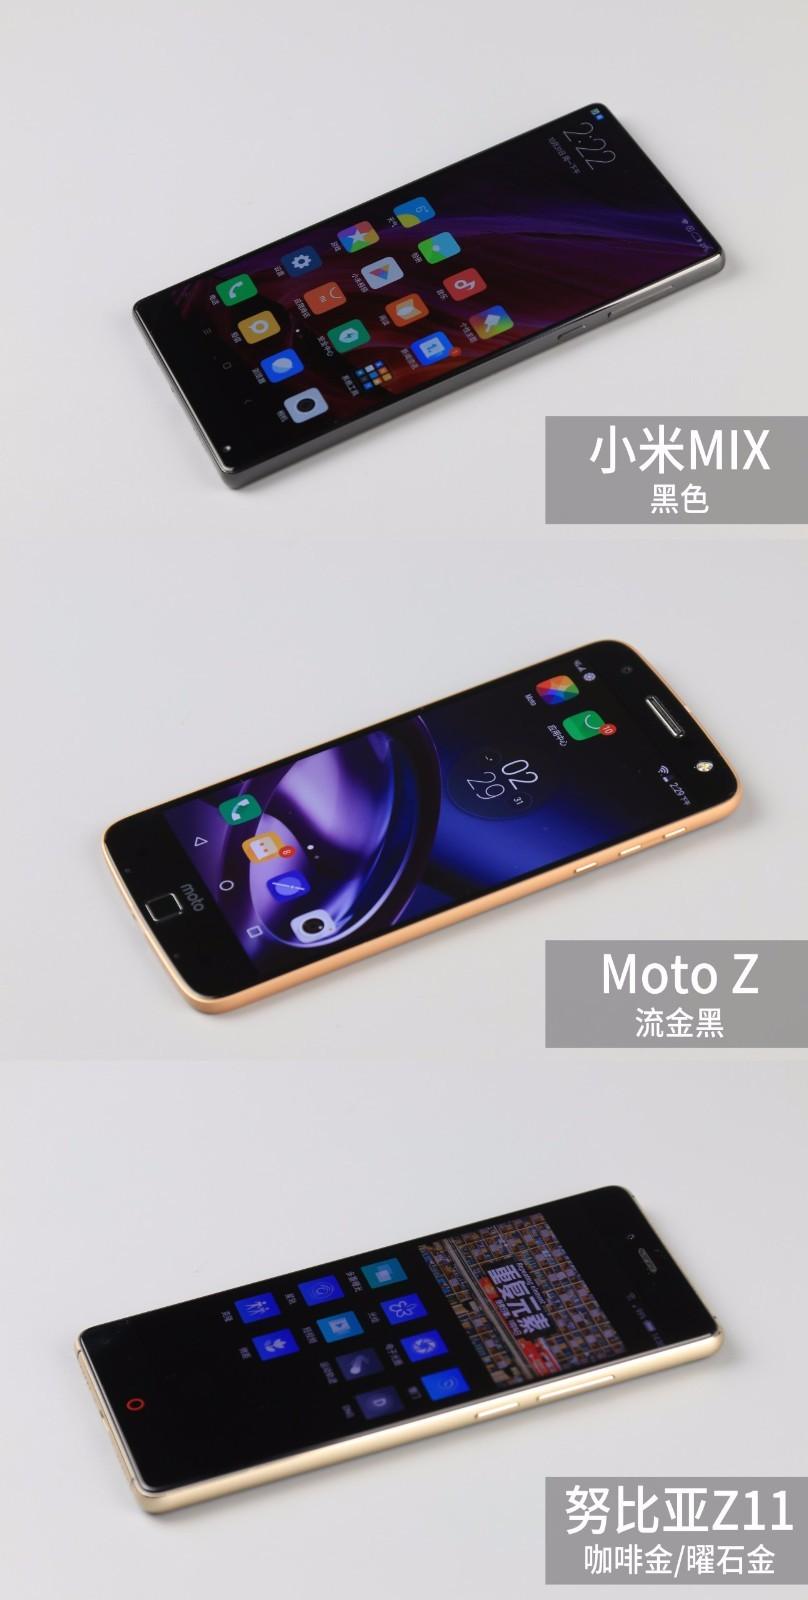 小米MIX/Moto Z/努比亚Z11外观对比:全新高颜值手机 刷新审美